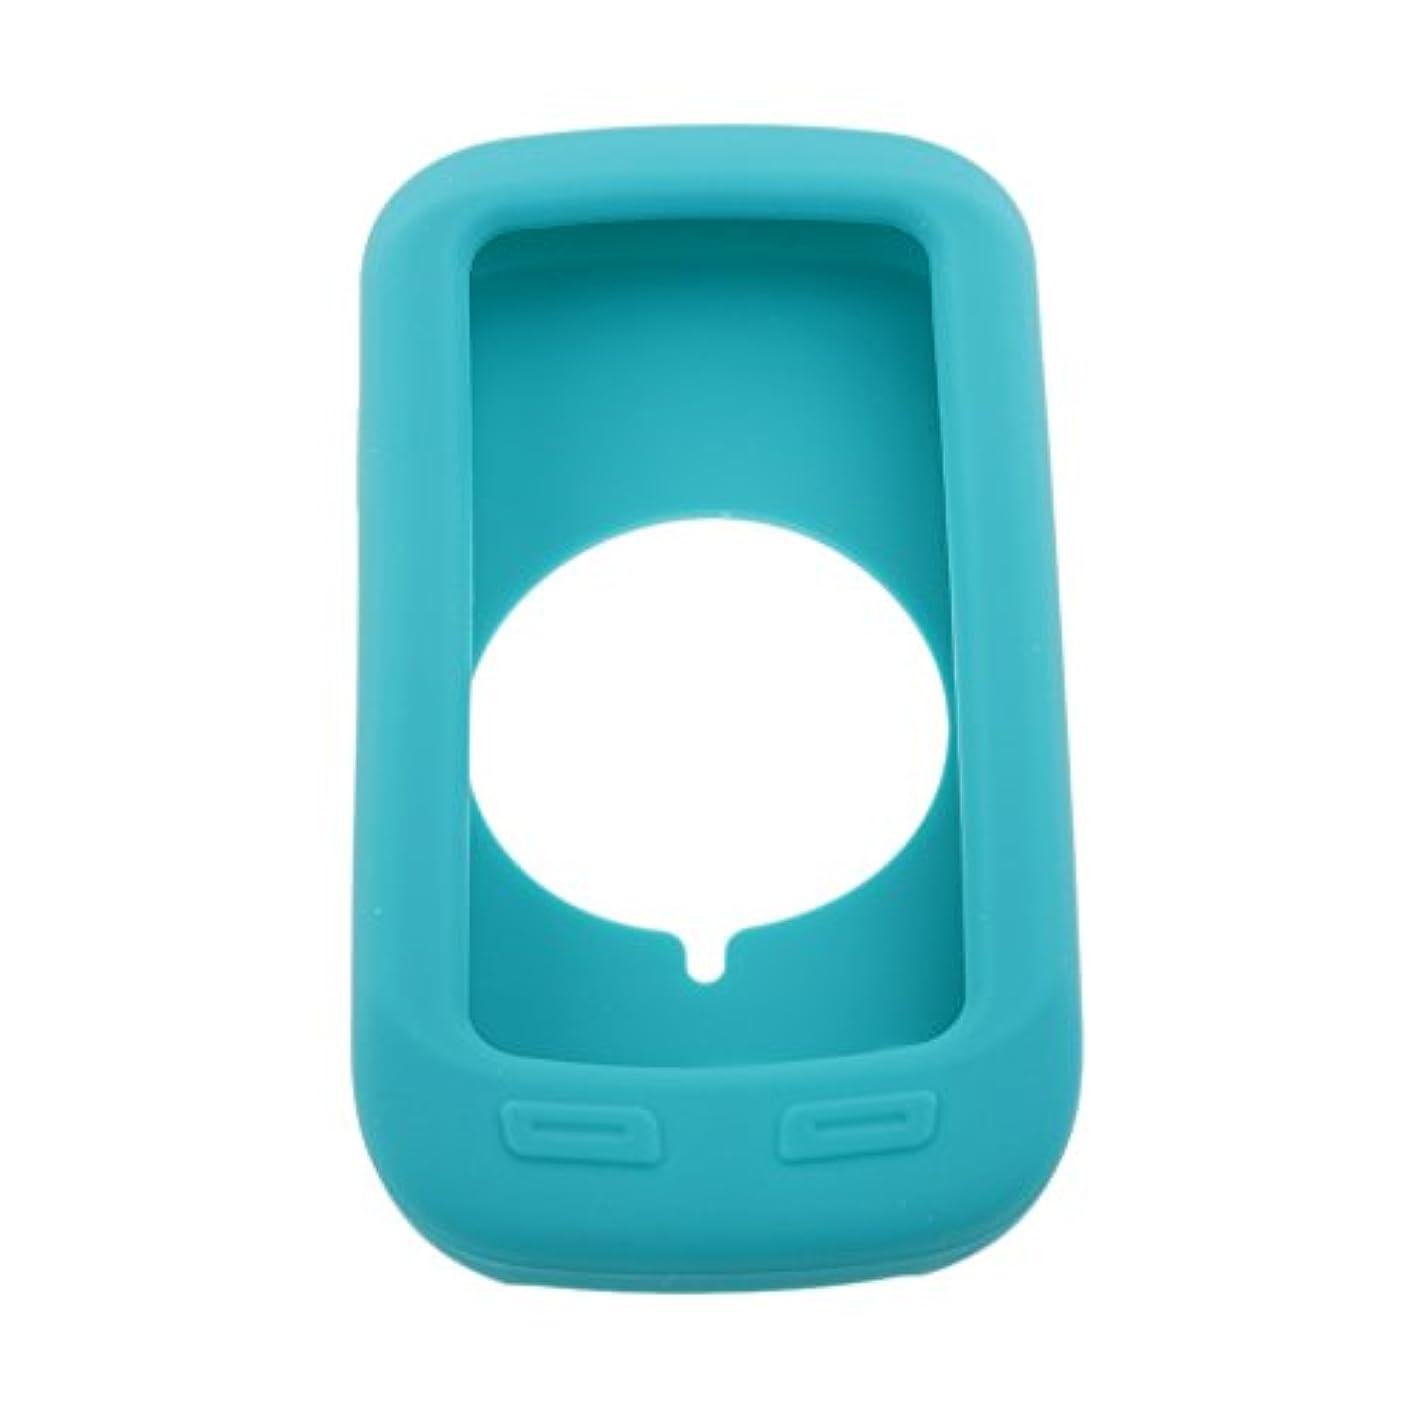 だます嫌がらせながらPerfk Garmin Edge1000 GPS対応 自転車に固定 シリコンケース 便利  全4色